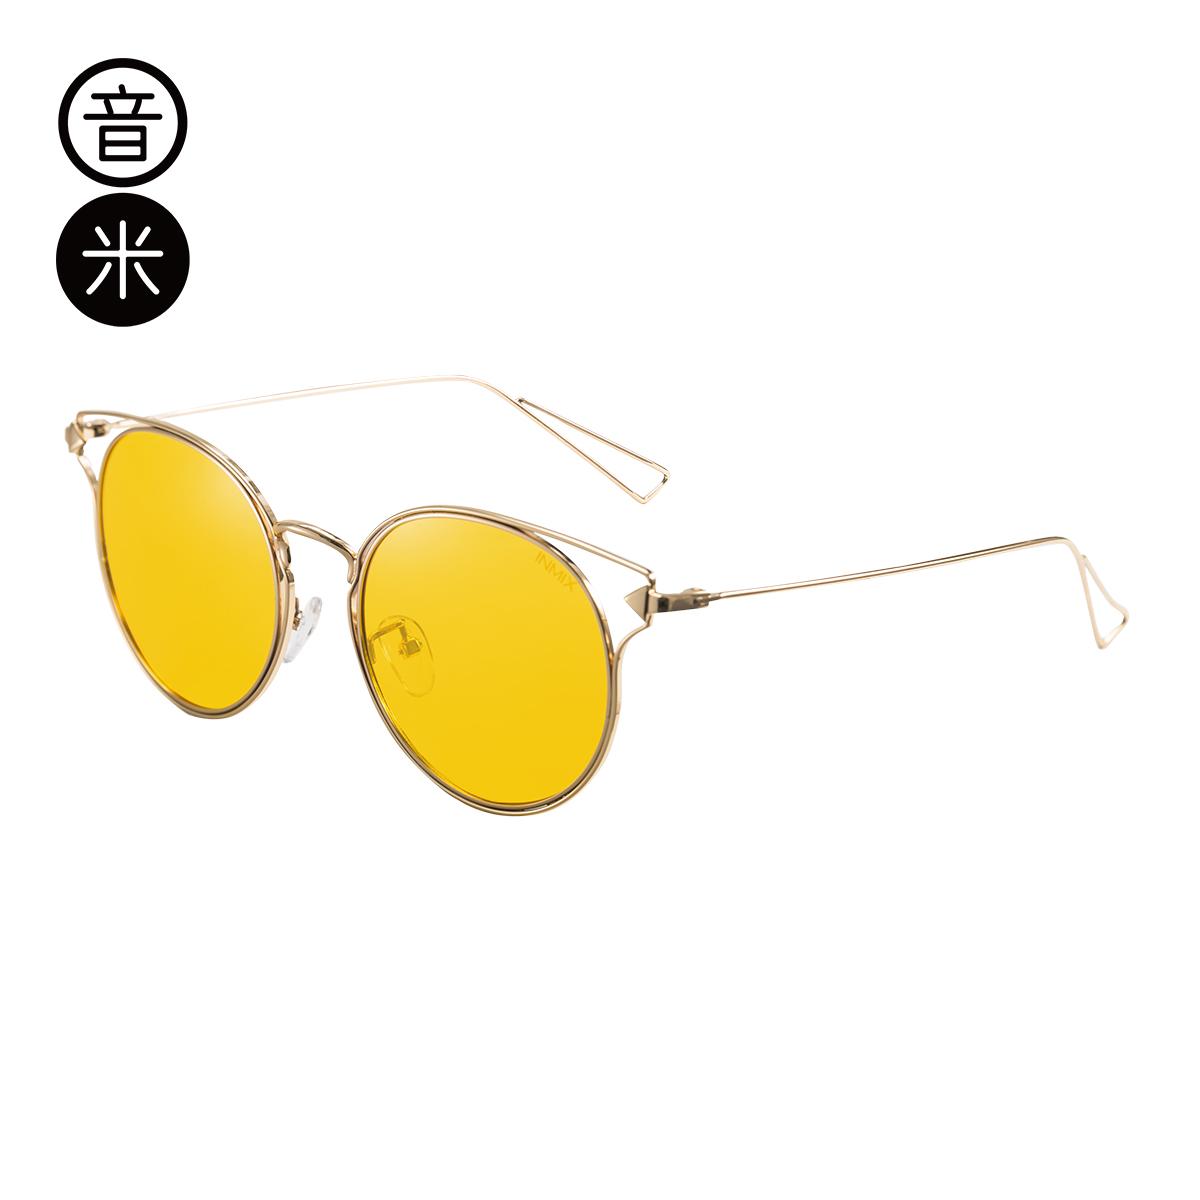 音米明星同款猫眼太阳镜女半透明偏光墨镜时尚街拍眼镜女防紫外线